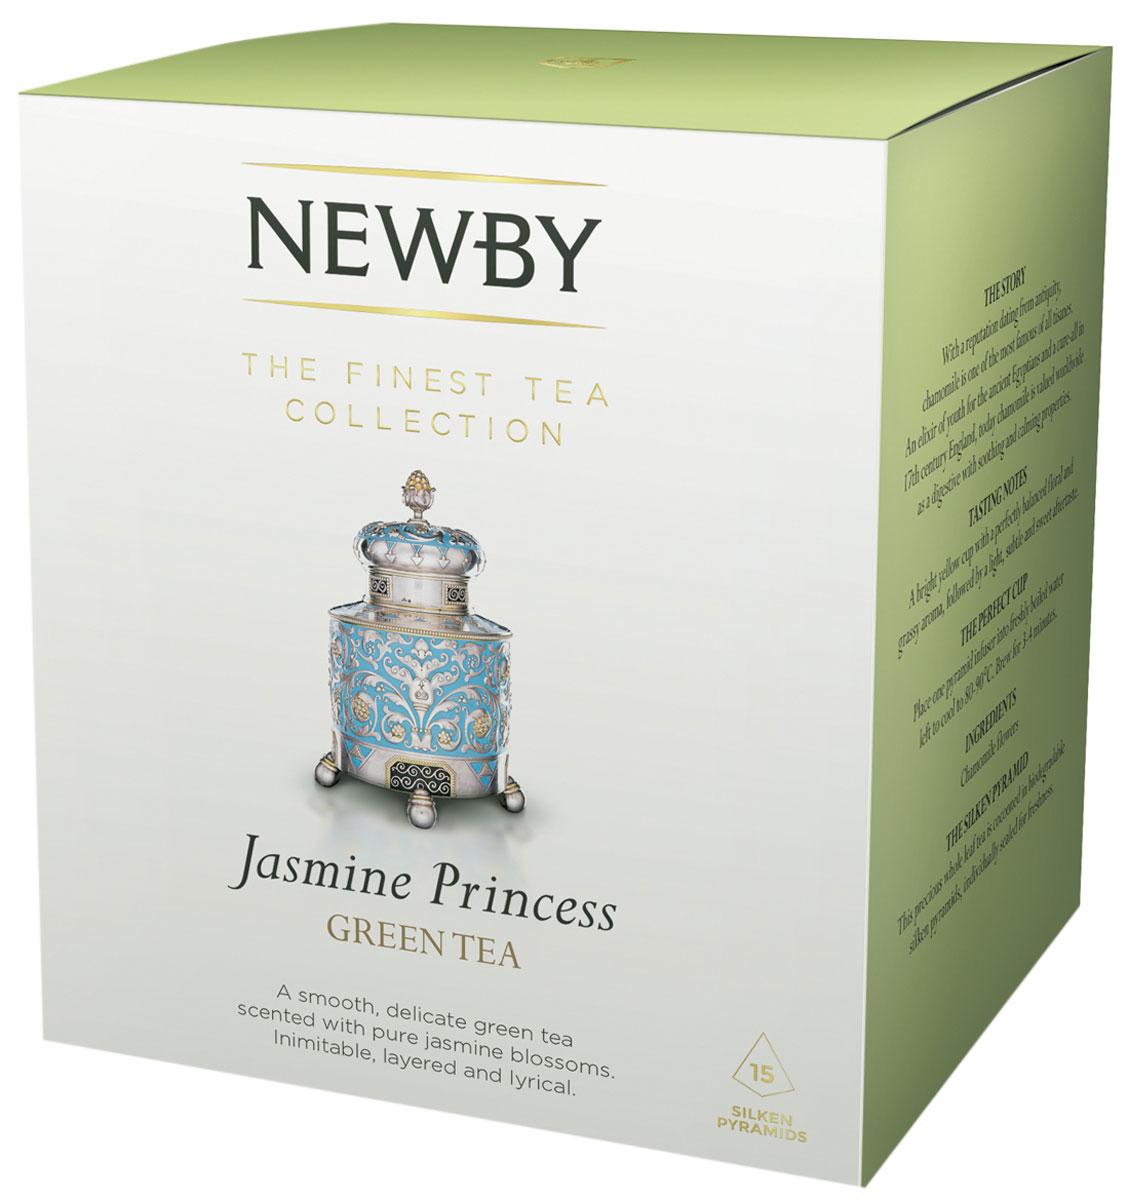 Newby Jasmine Princes зеленый чай в пирамидках, 15 шт600300AЧай Newby Jasmine Princes - это скрученные вручную из нежных типсов жемчужины зеленого чая, ароматизированные свежими цветами жасмина. Каждая пирамидка упакована в индивидуальное саше из алюминиевой фольги для сохранения свежести чайного листа.